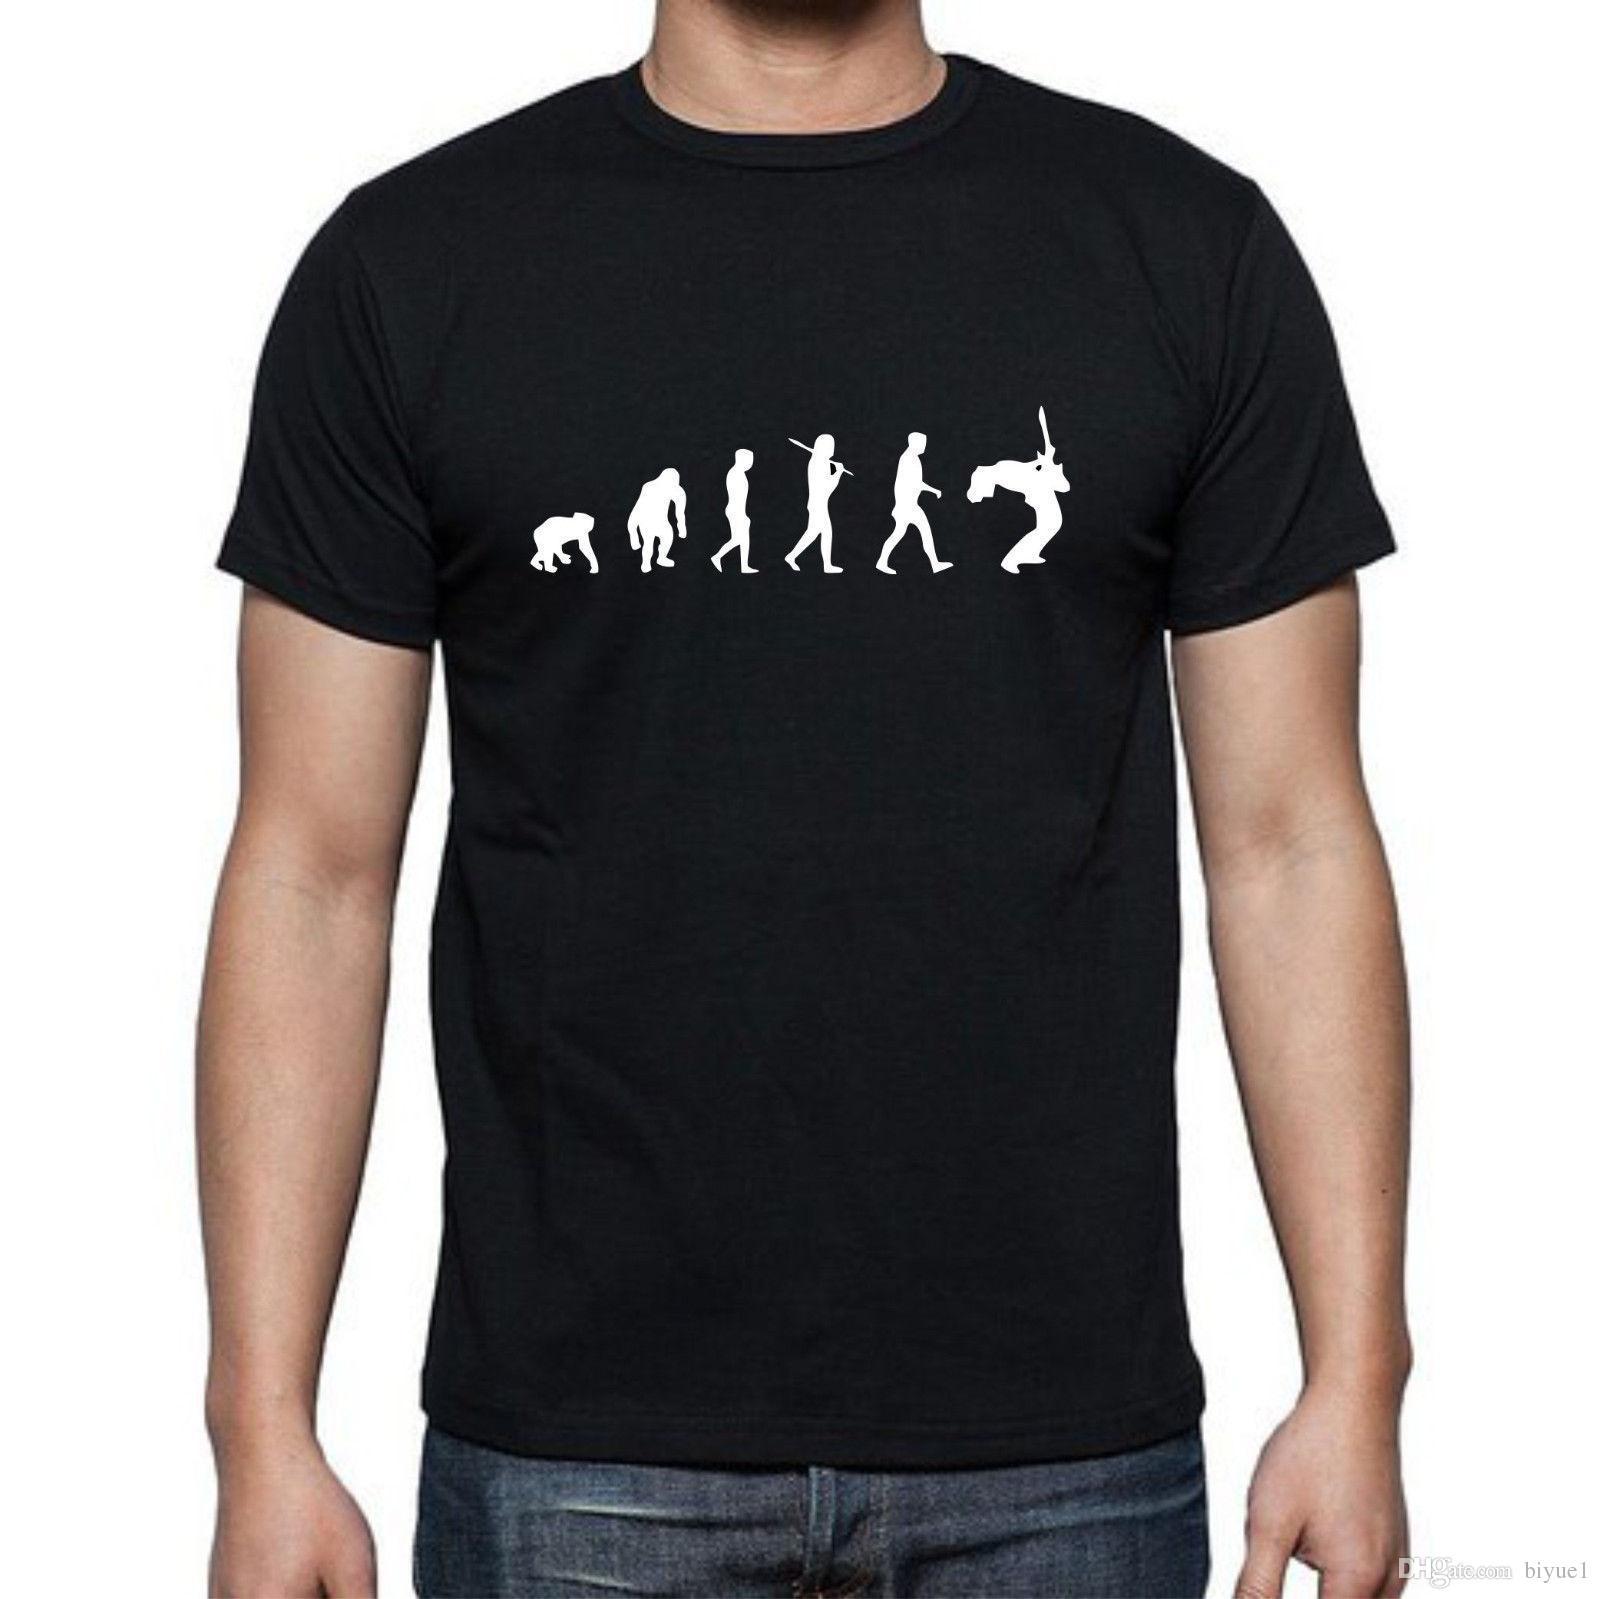 Evolución del guitarrista Musiscian Guitar Sing T-shirt todos los tamaños y colores Manga T Shirt Summer Men Tee Tops Ropa